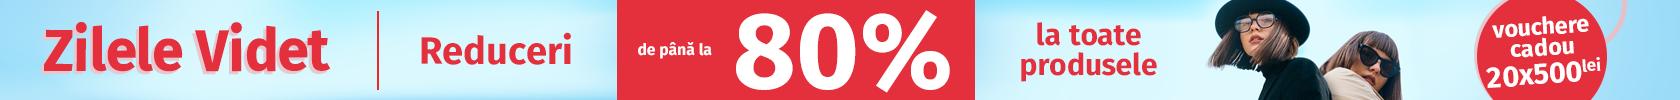 Zilele Videt! Reduceri de până la 80% la toate produsele!